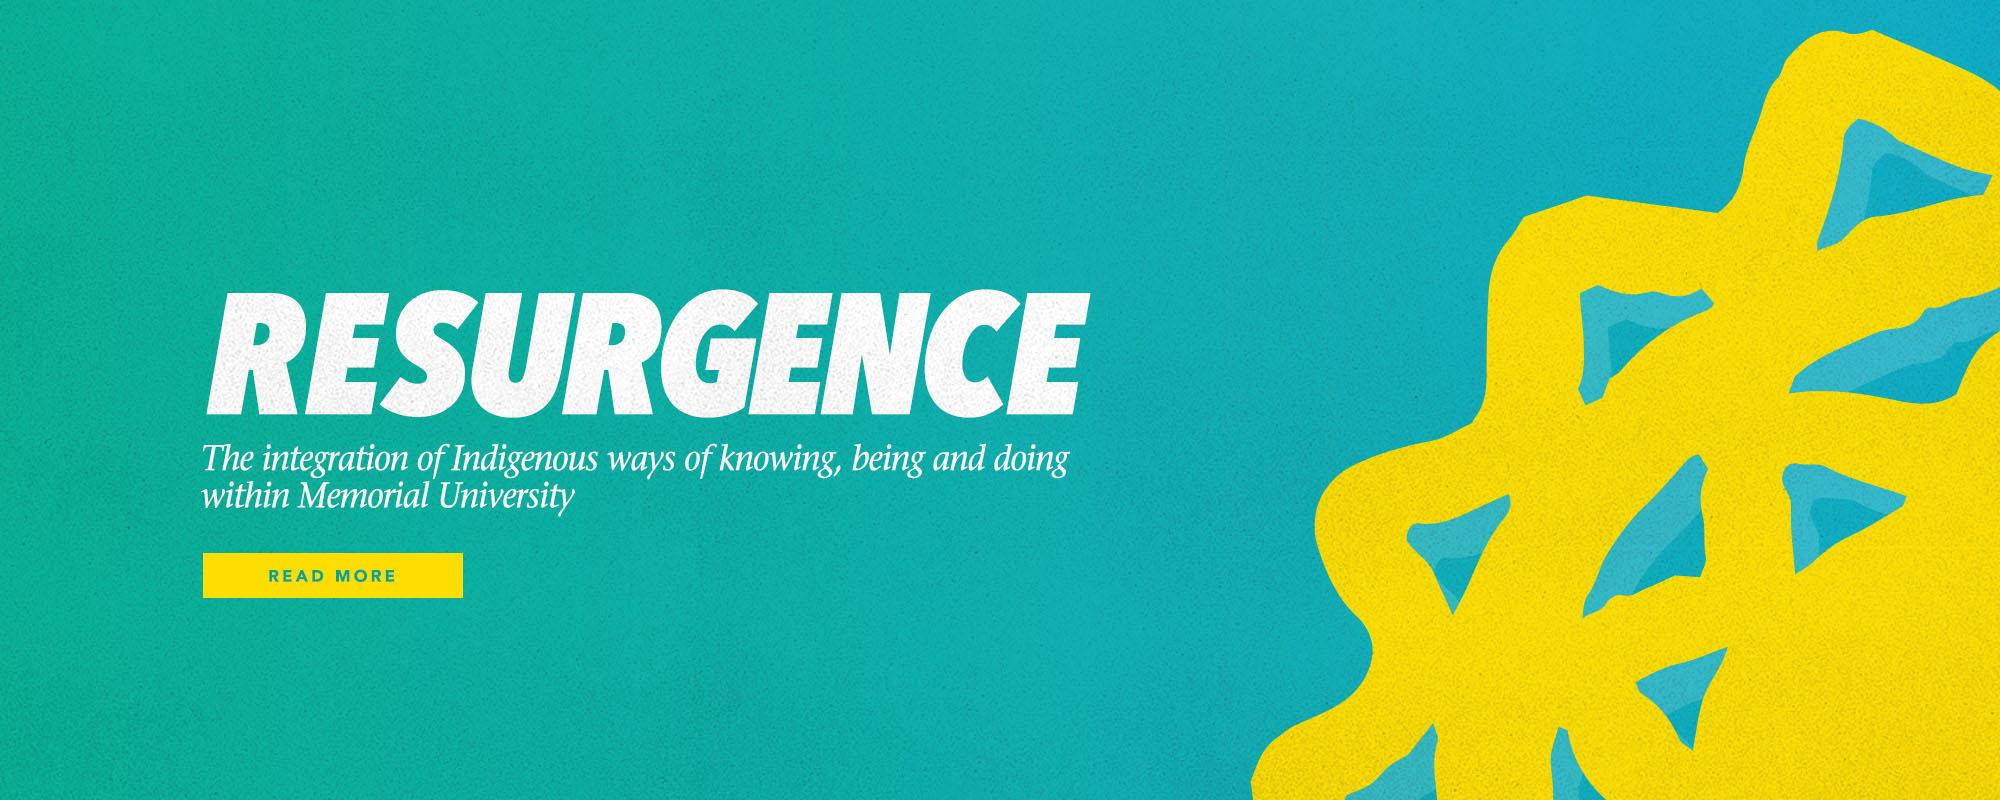 resurgence-2000x800px